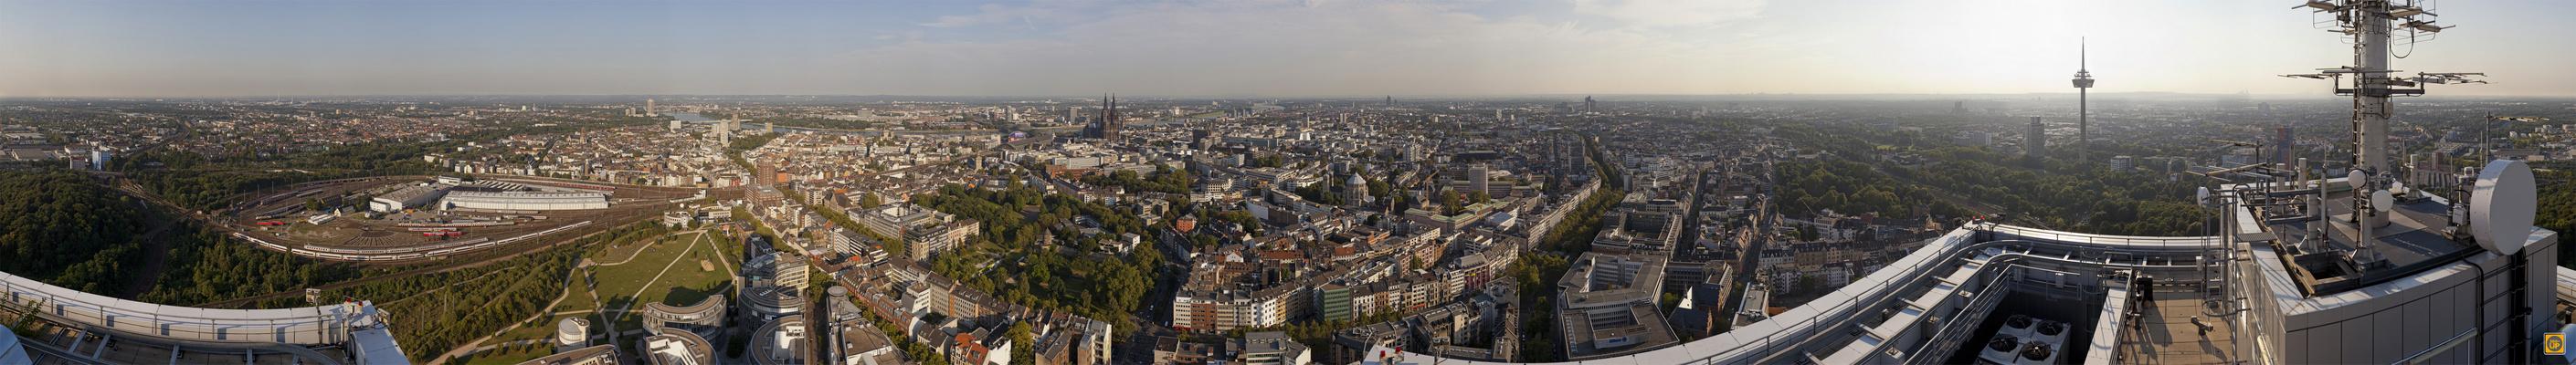 360-up.com | Gigapixel-Panorama Köln